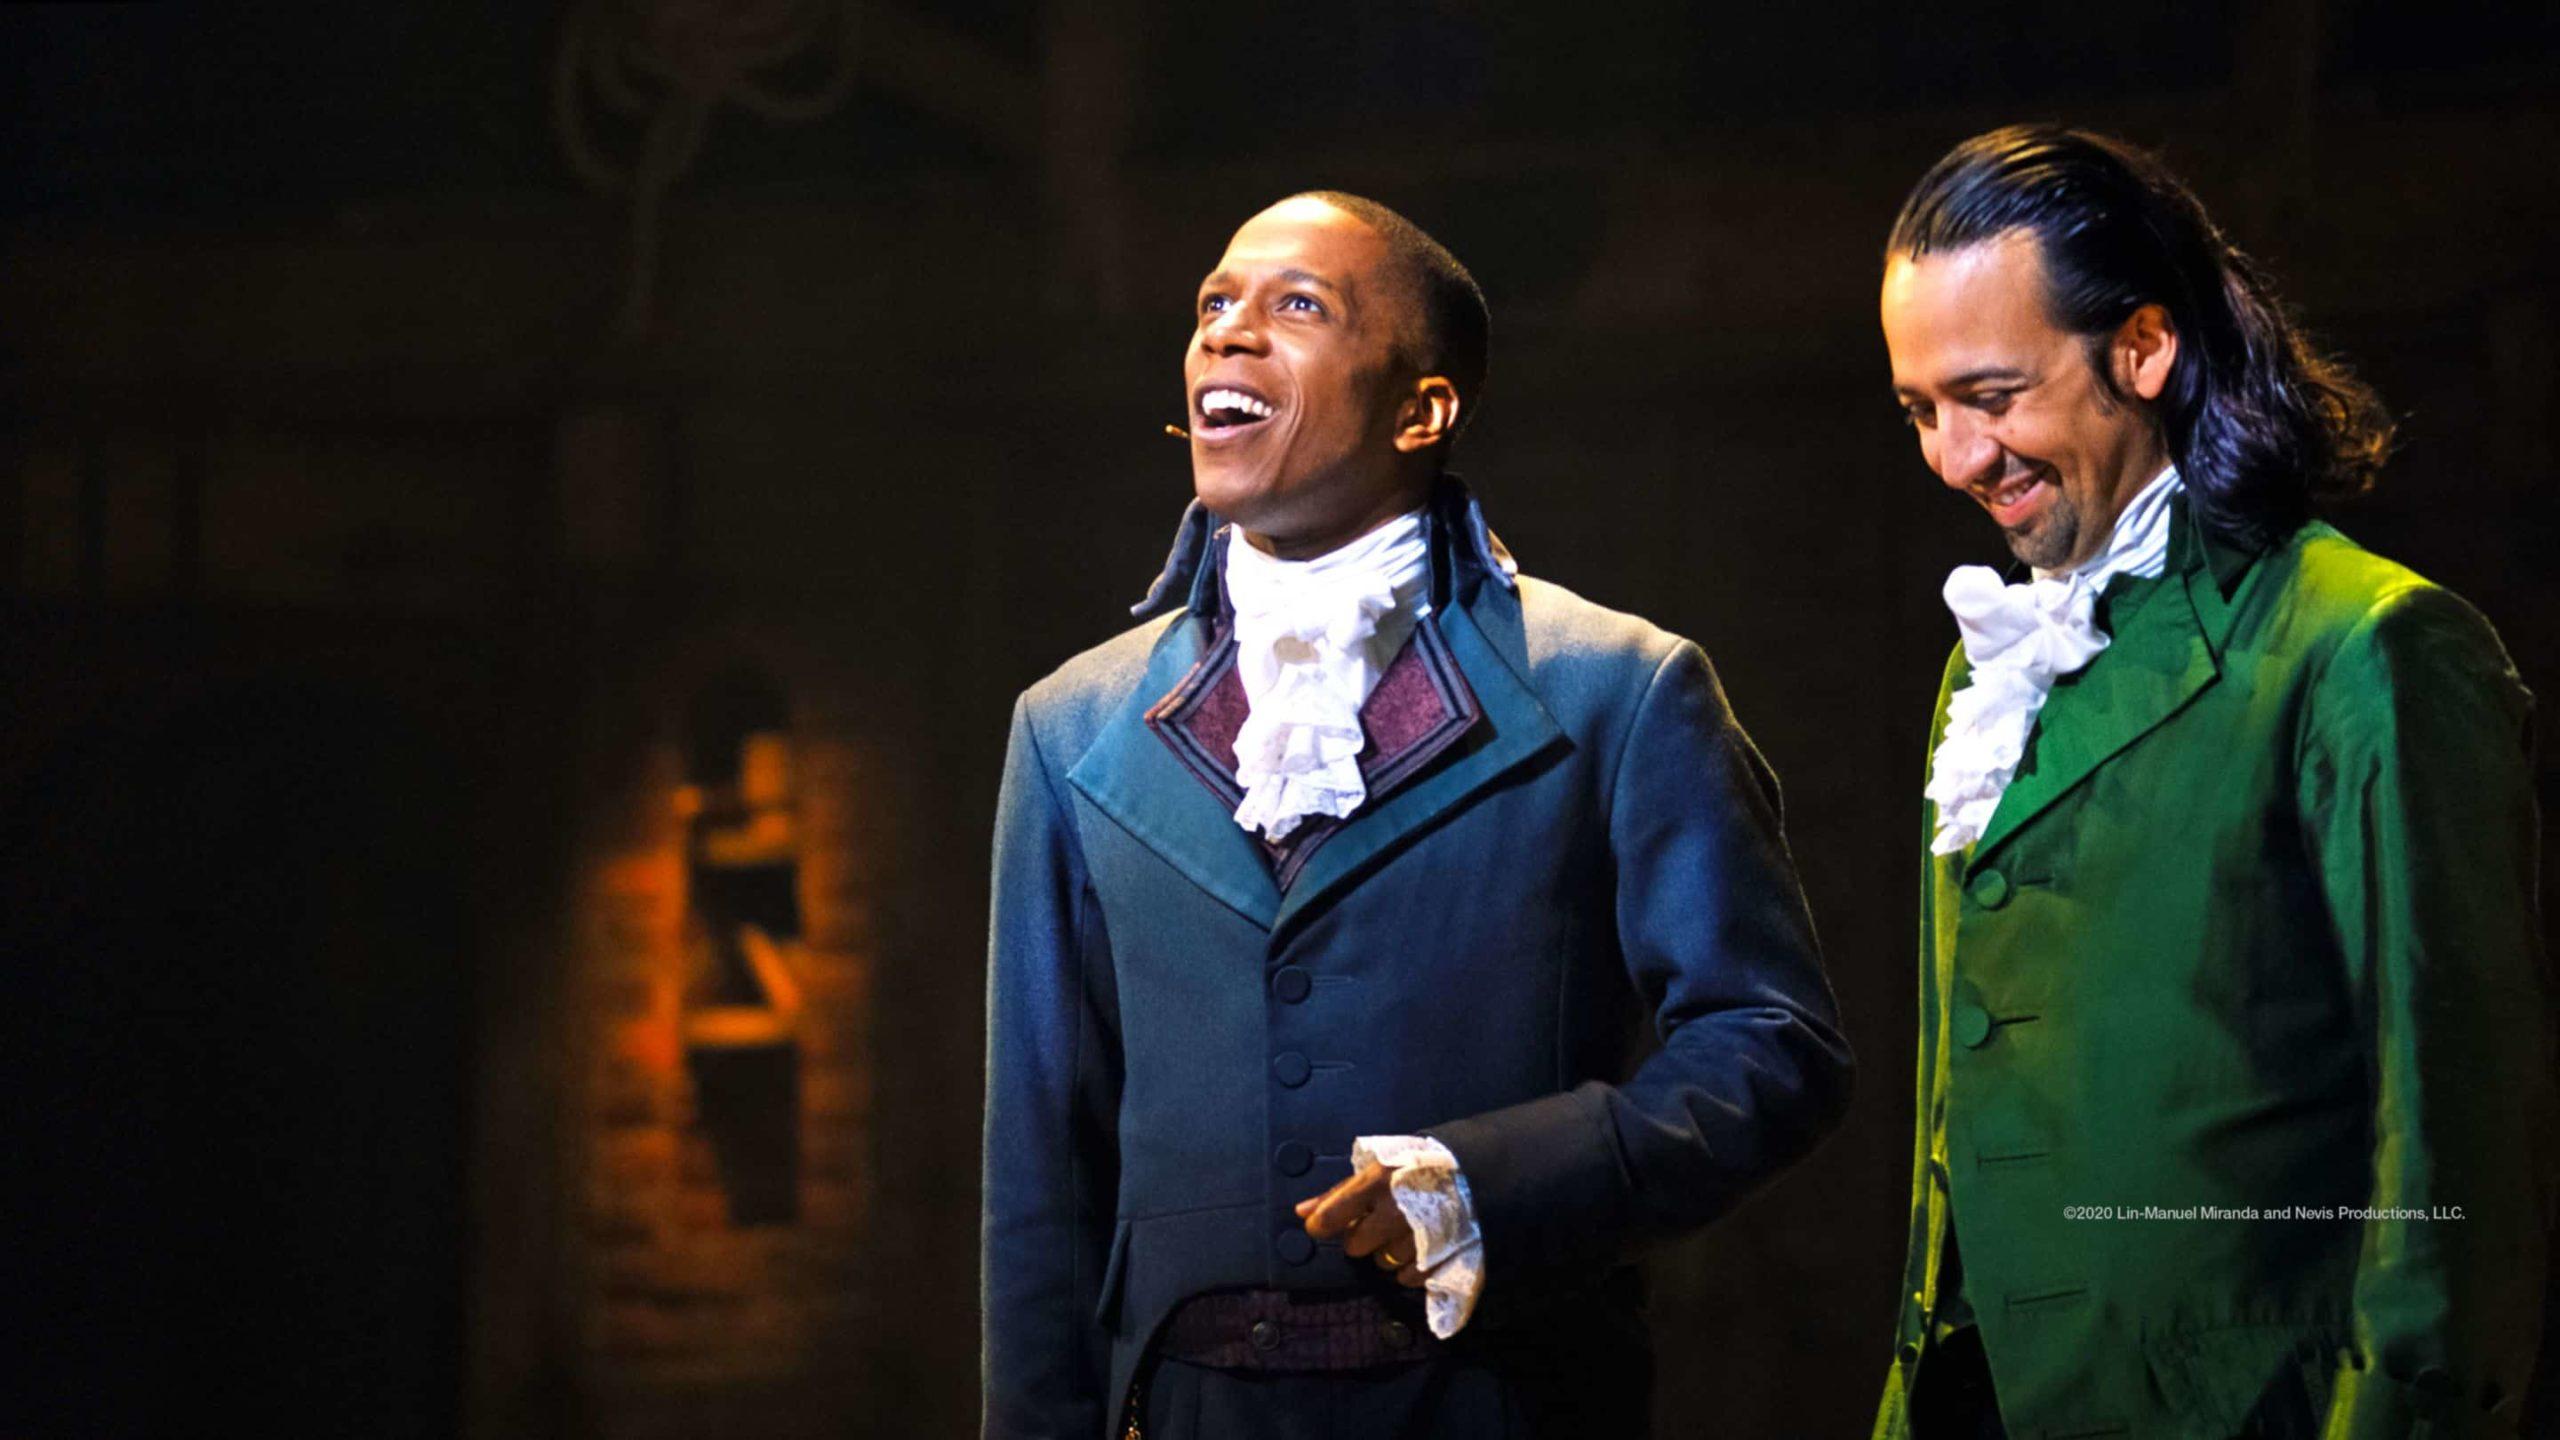 Do You Know Who Sang These Hamilton Lyrics?